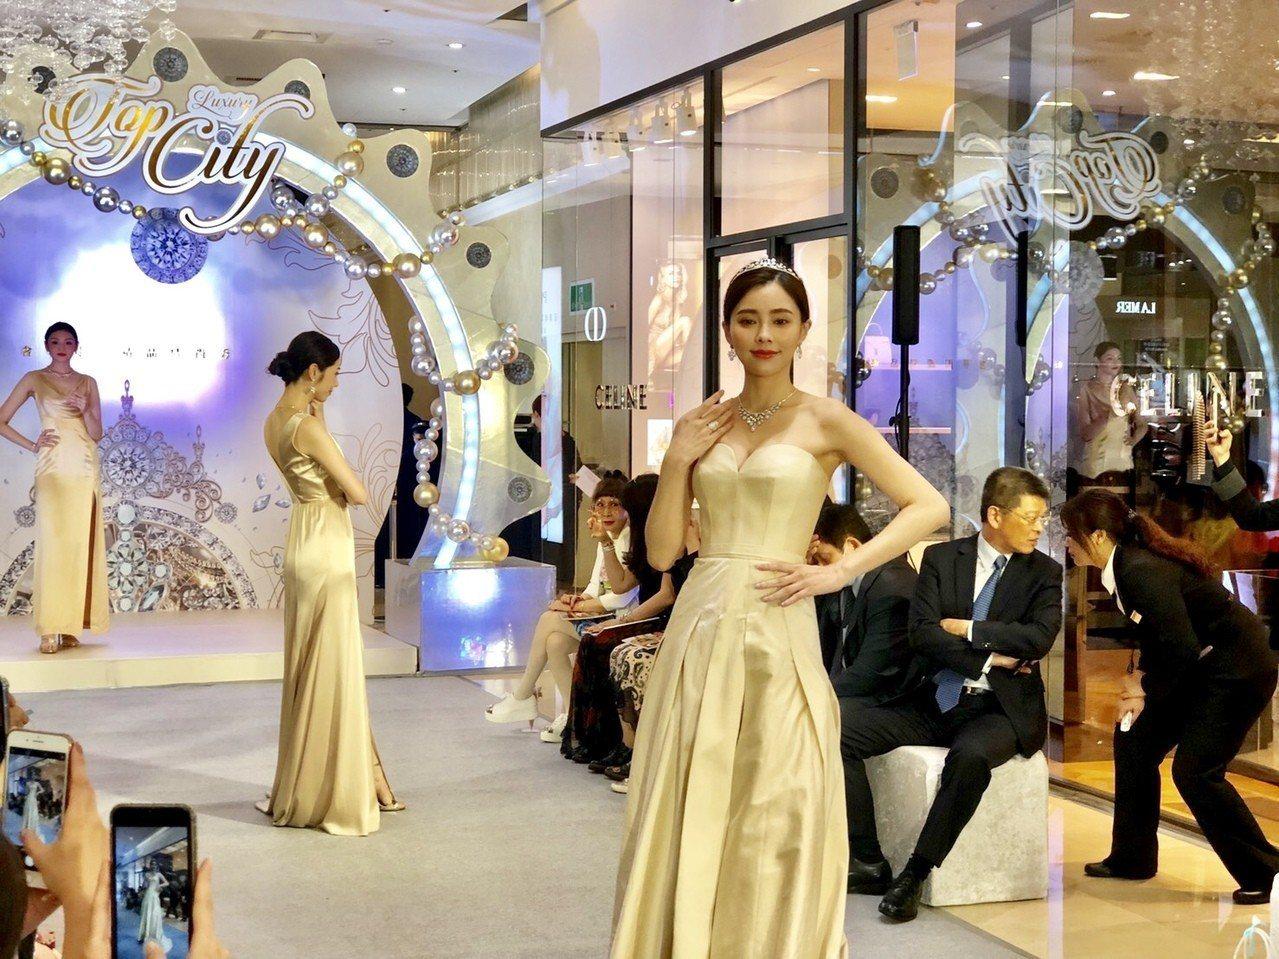 這場精品時尚秀由大遠百與國際精品CHAUMET聯合舉辦,名模展演六套總值達1.4...